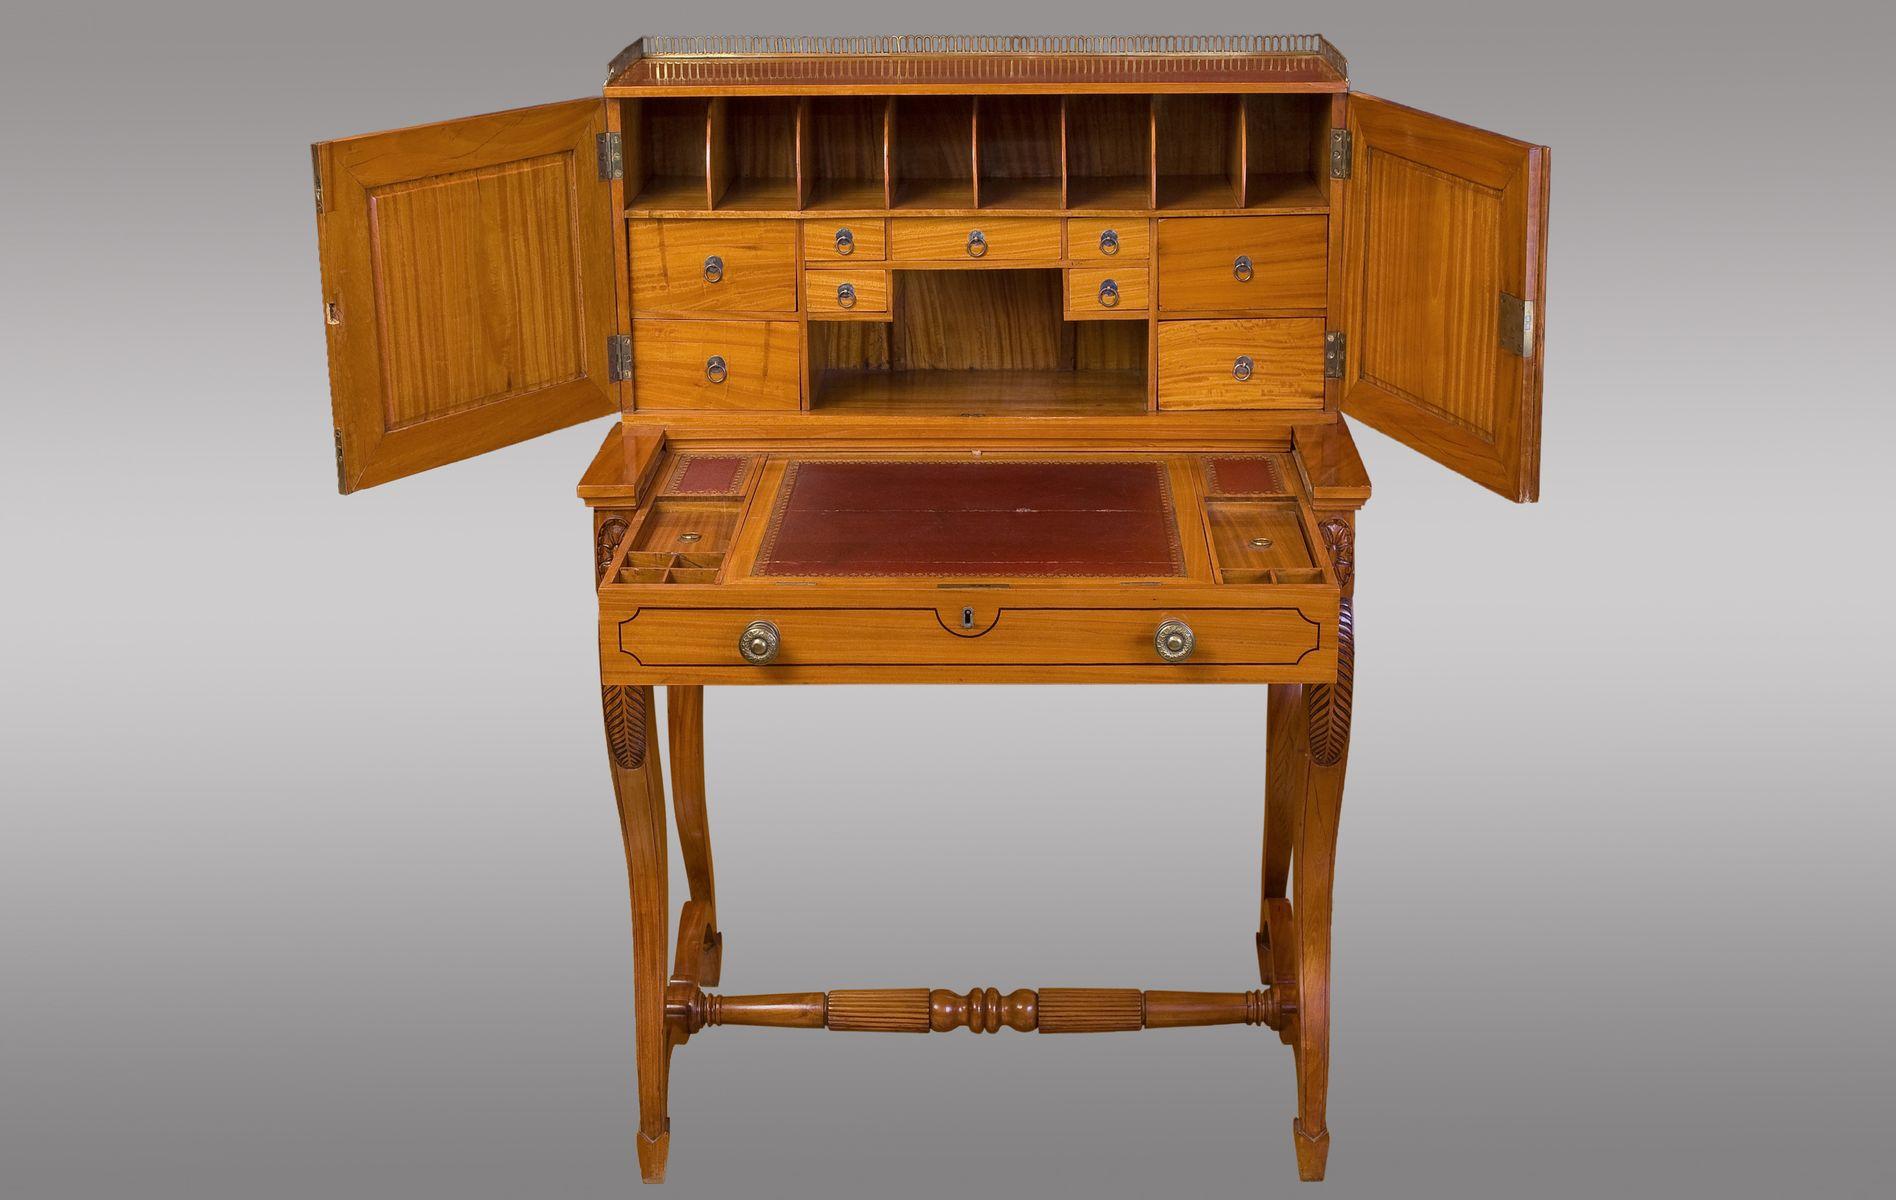 Angloindian bonheur du jour 1840s for sale at pamono for Meuble bonheur du jour